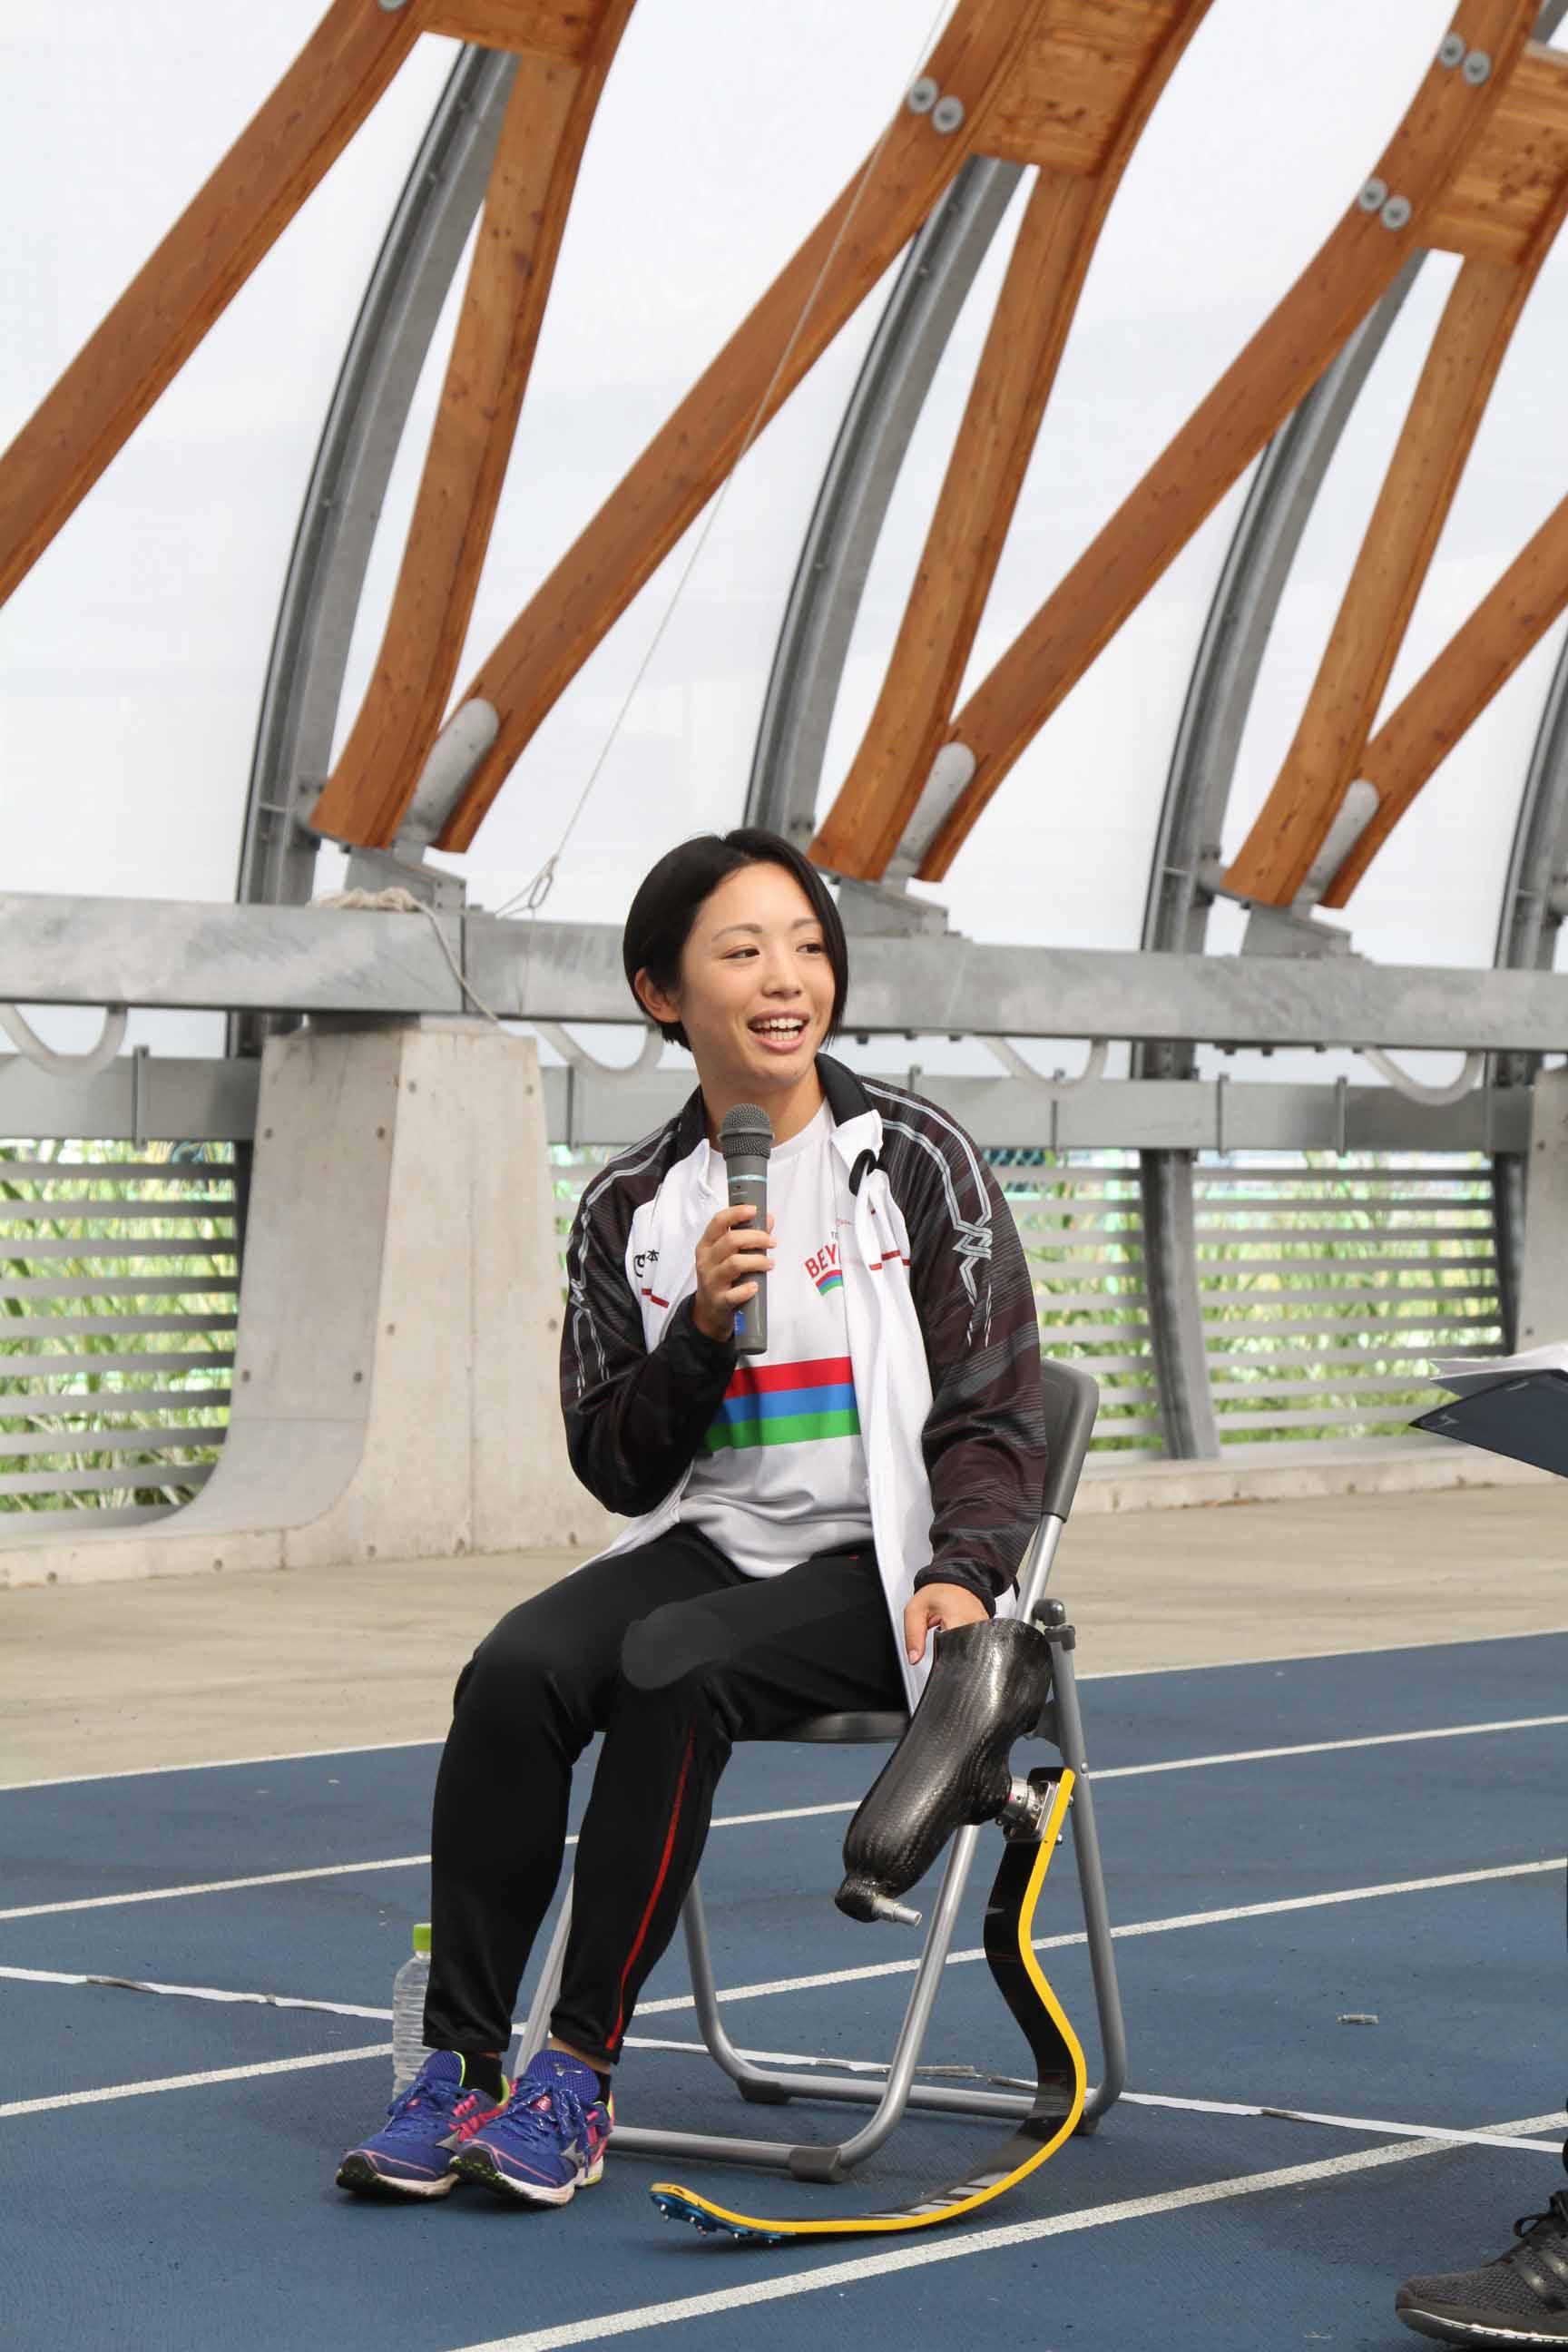 「義足は相棒みたいな存在」髙桑早生選手(陸上競技)と一緒に、初めてのブレード体験